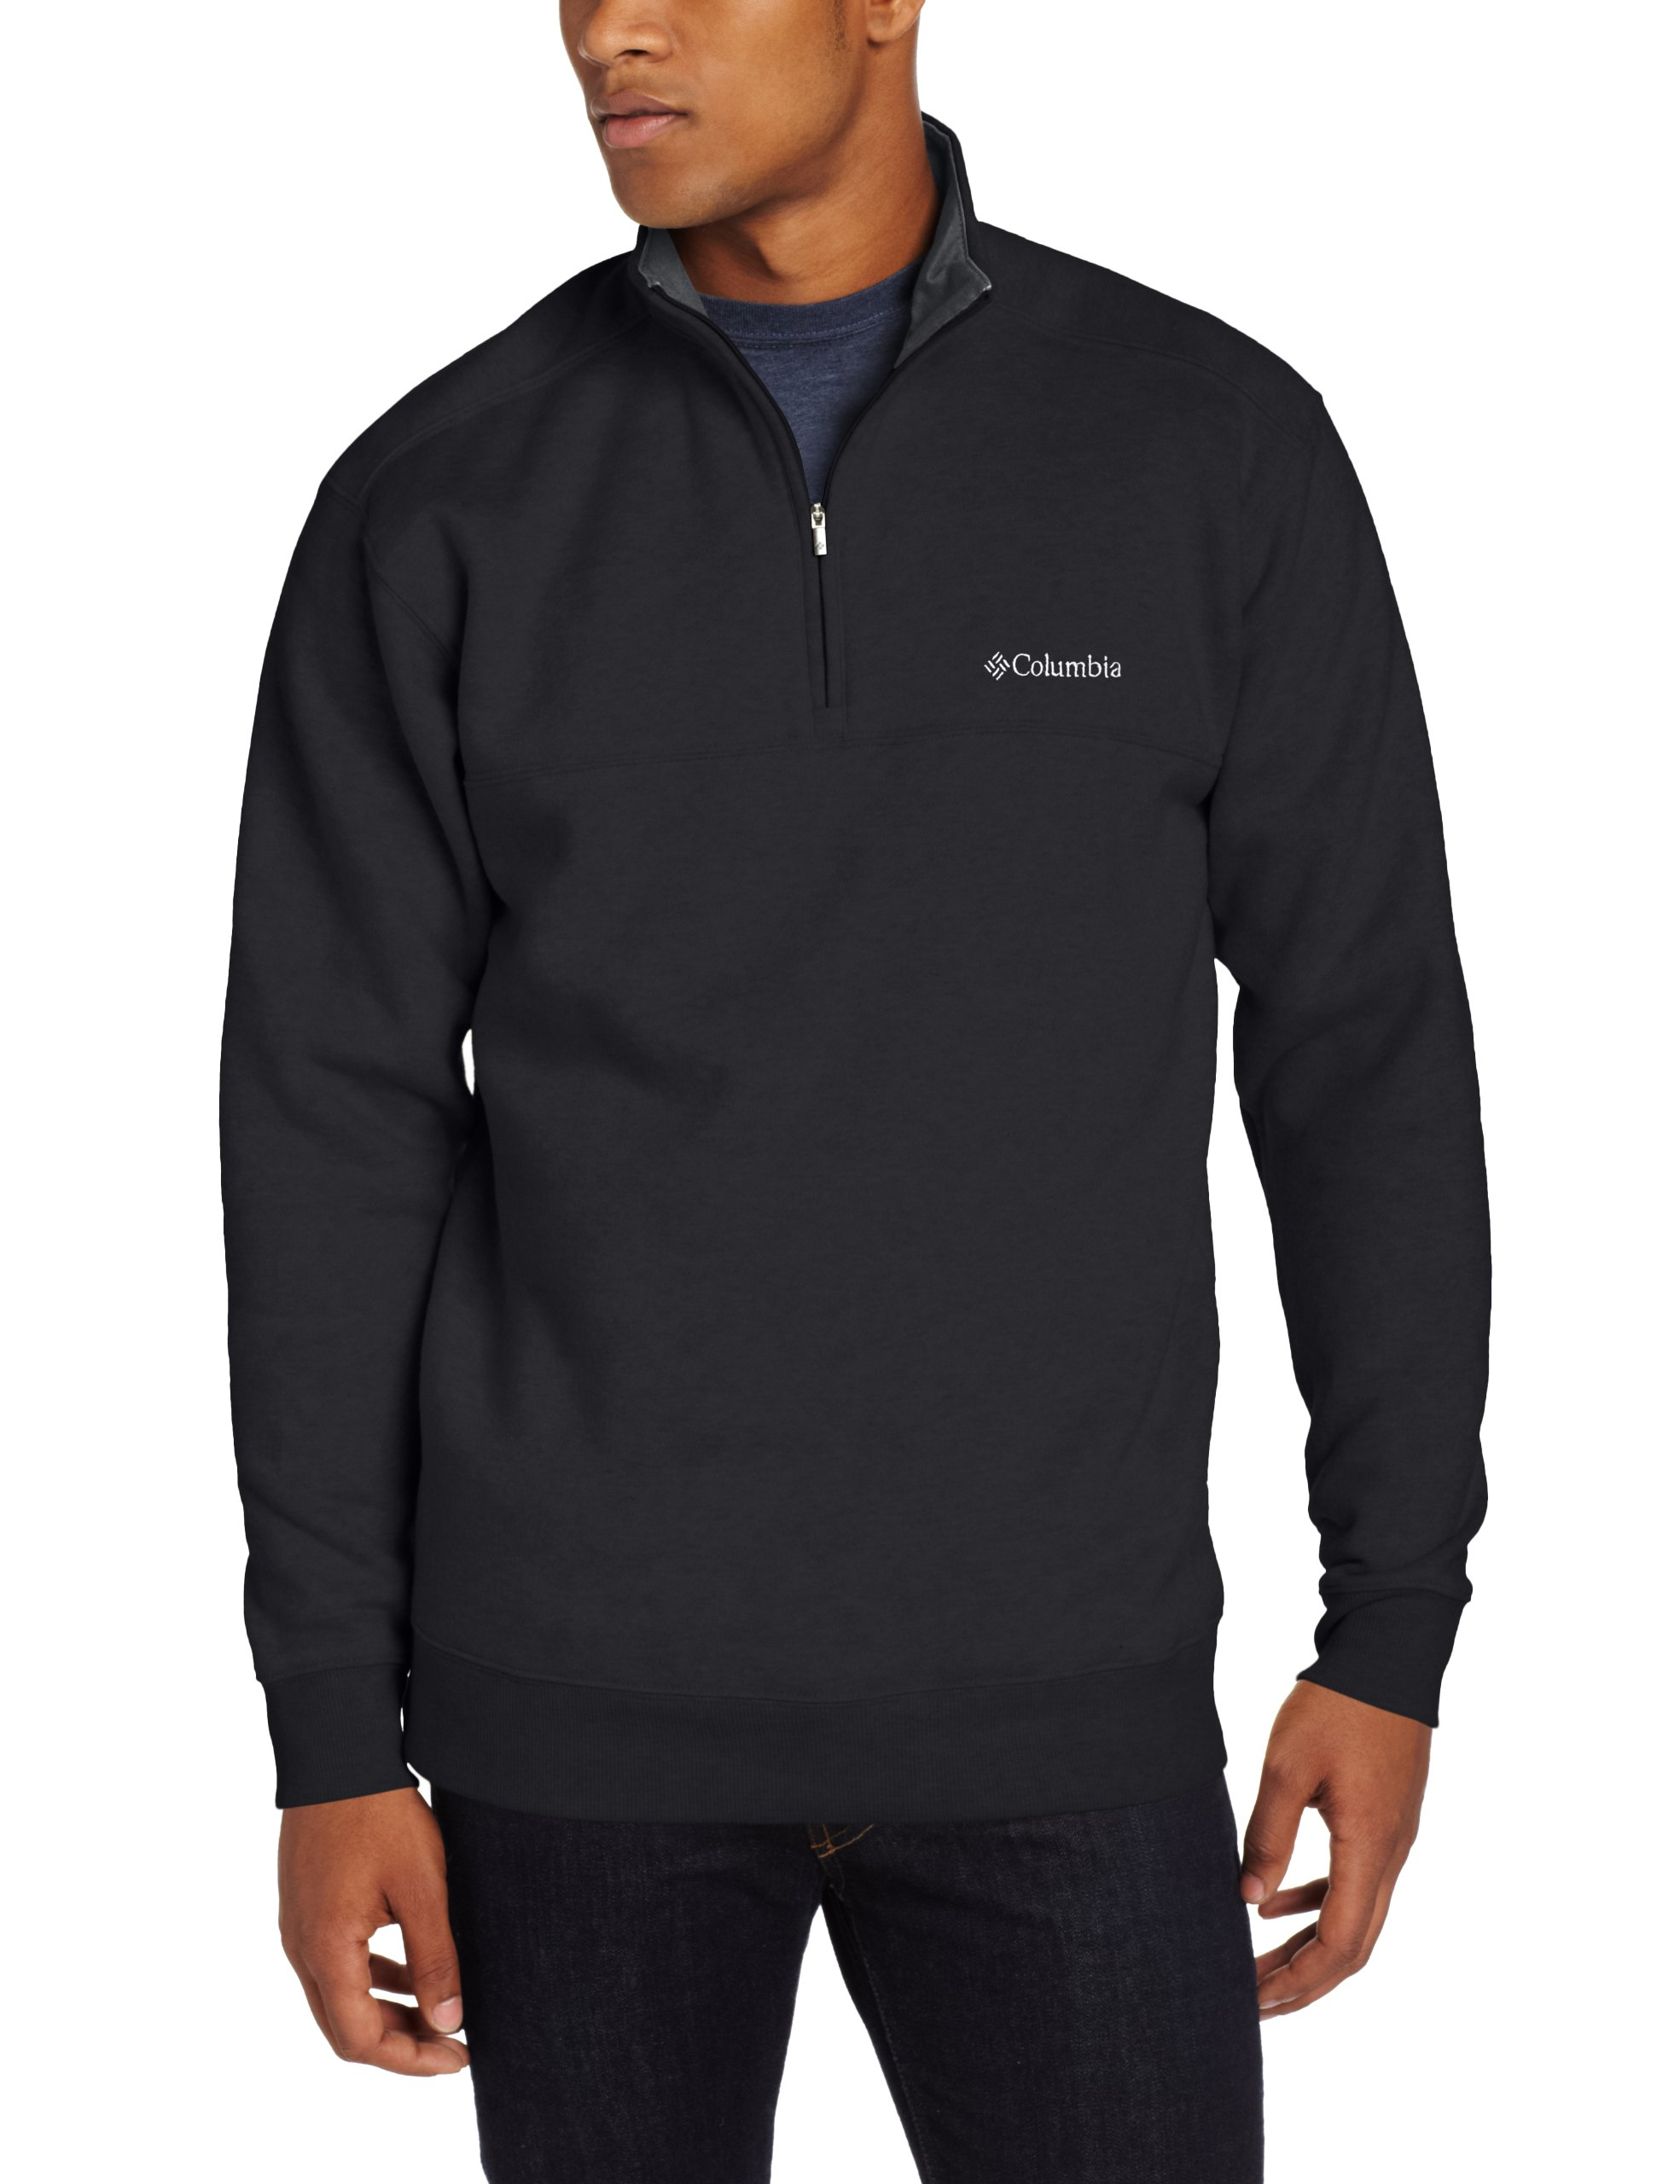 Columbia Men's Hart II 1/2 Zip Jacket, Black, Large